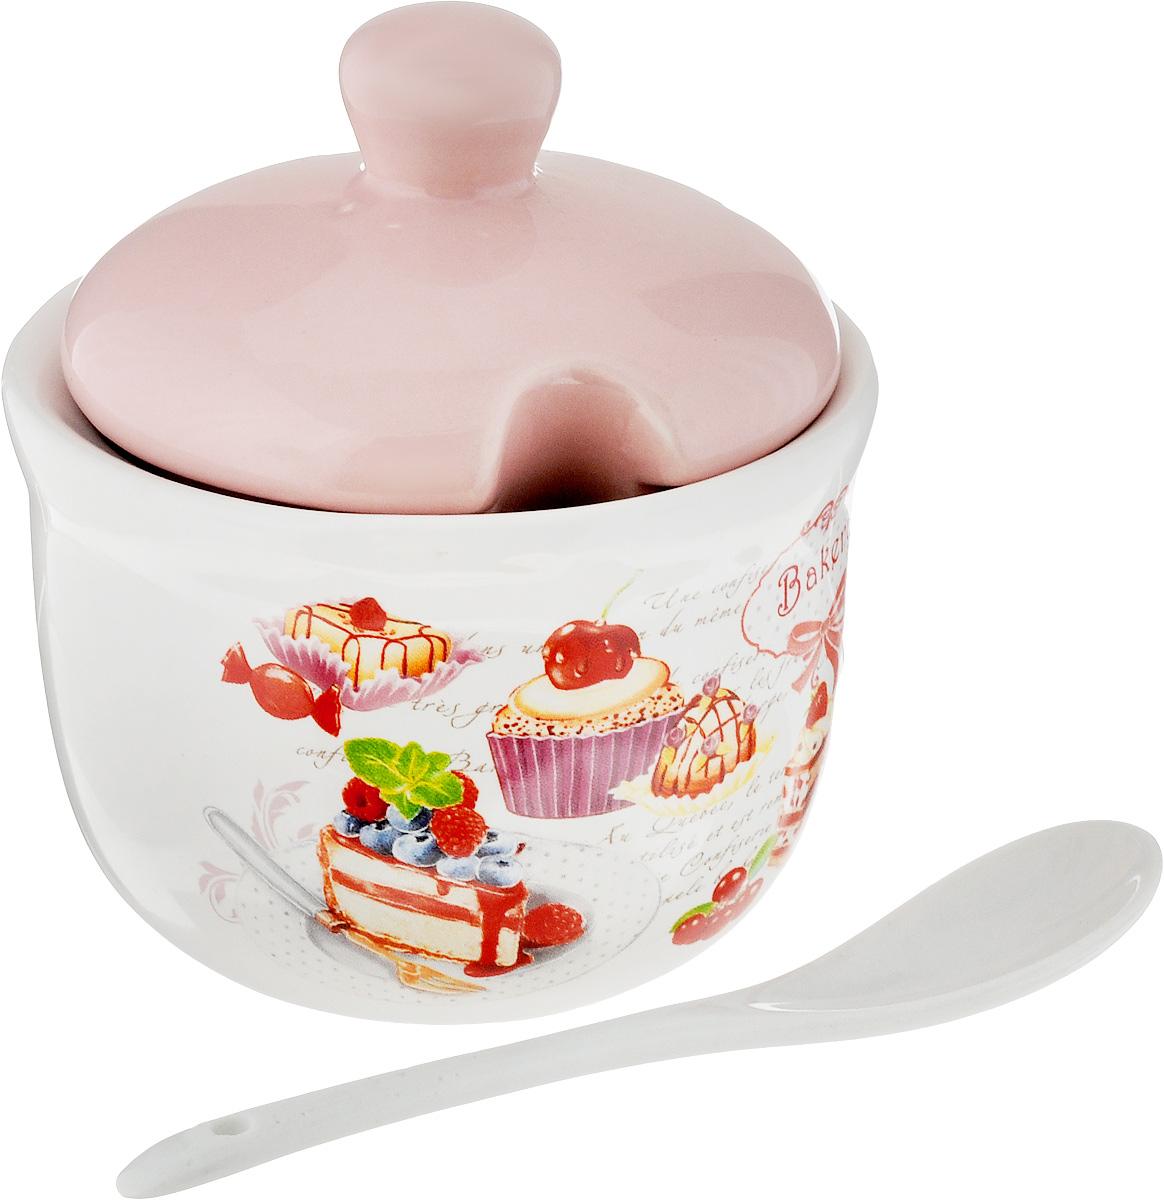 Сахарница ENS Group Бисквит, с ложкой, цвет: розовый, белый, 300 мл, 2 предмета. L3170209115510Сахарница ENS Group Бисквит с крышкой и ложкой изготовлена из керамики и украшена ярким рисунком.Емкость универсальна, подойдет как для сахара, так и для специй или меда. Высота (без учета крышки): 7 см.Высота (с крышкой): 10,5 см.